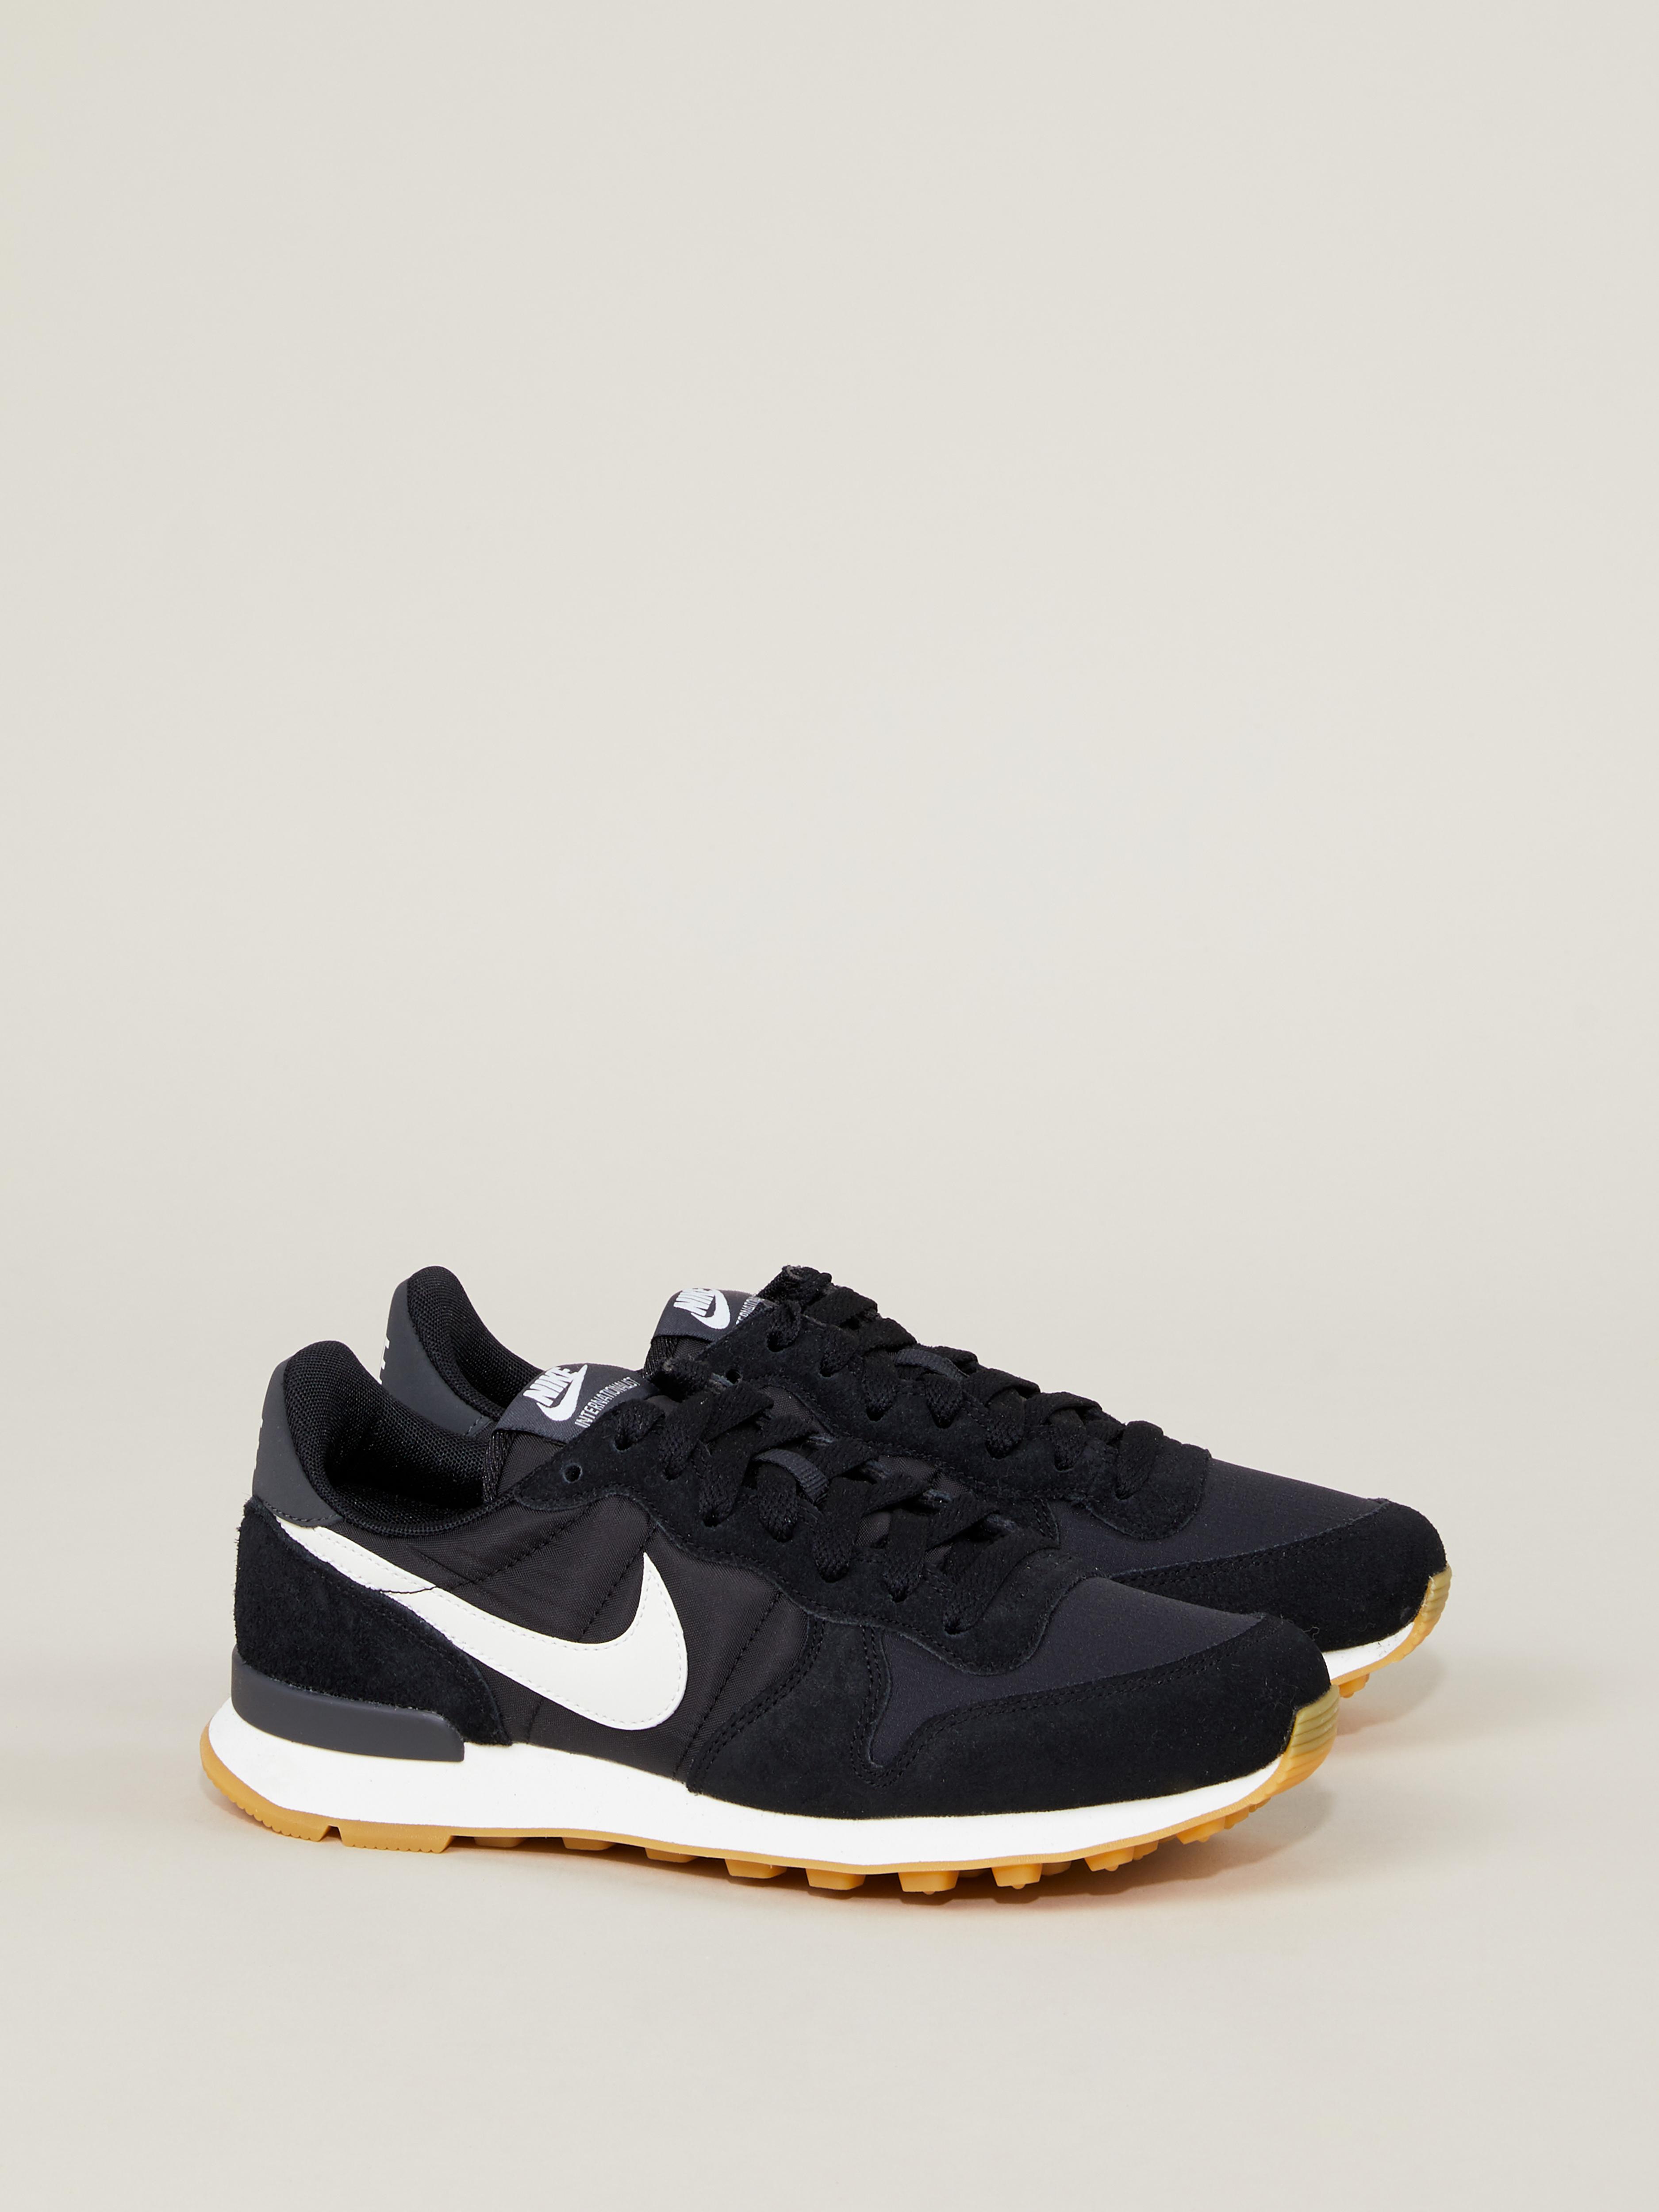 Nike Sneakers 'Internationalist' Black